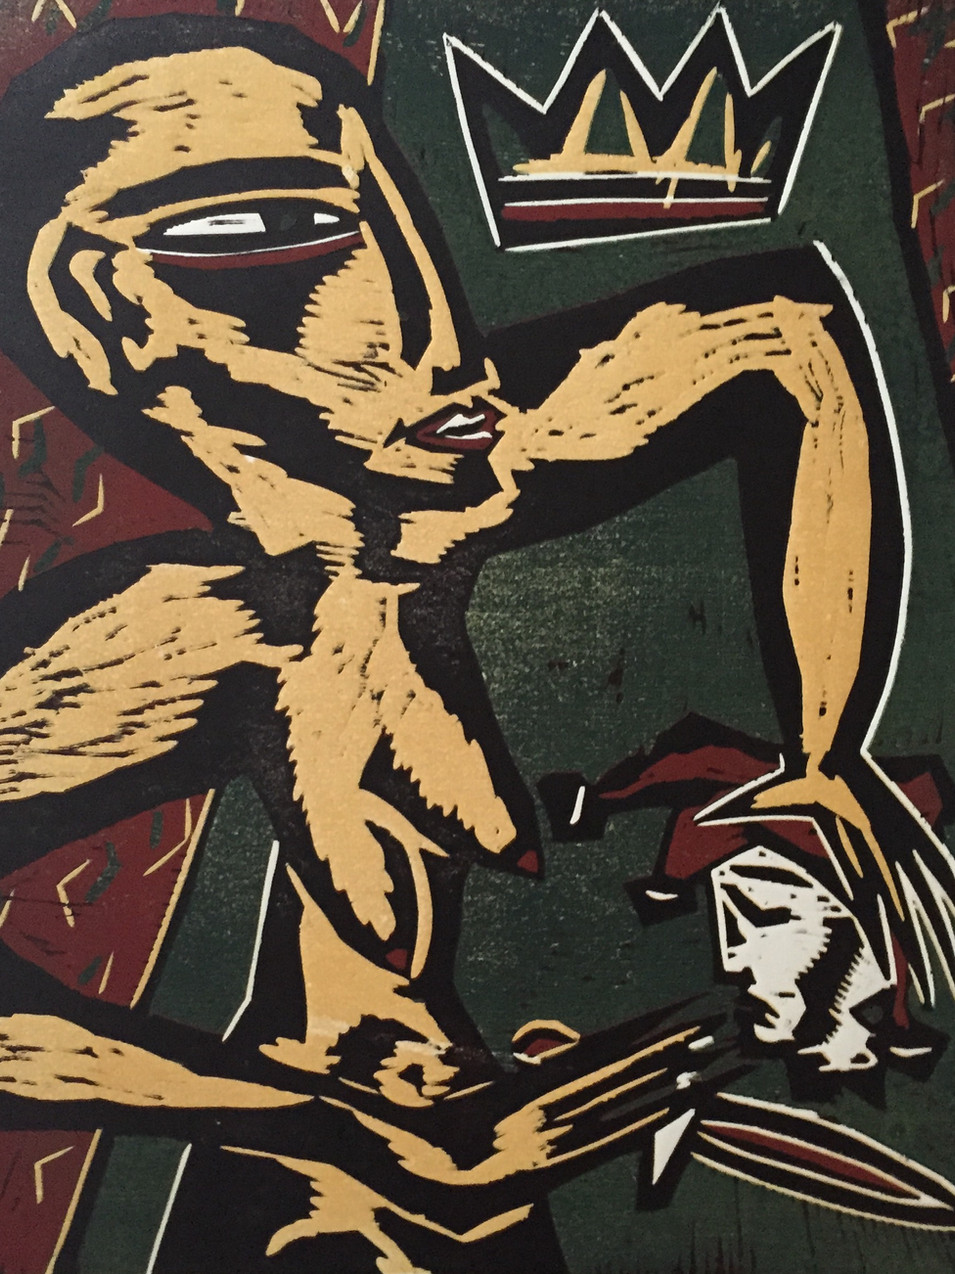 Klaus Süß   Der Tod des Narren   Mappe König und Narr   2000   Farbholzschnitt   5/10 51 x 41 cm   Mappe komplett1400 Euro